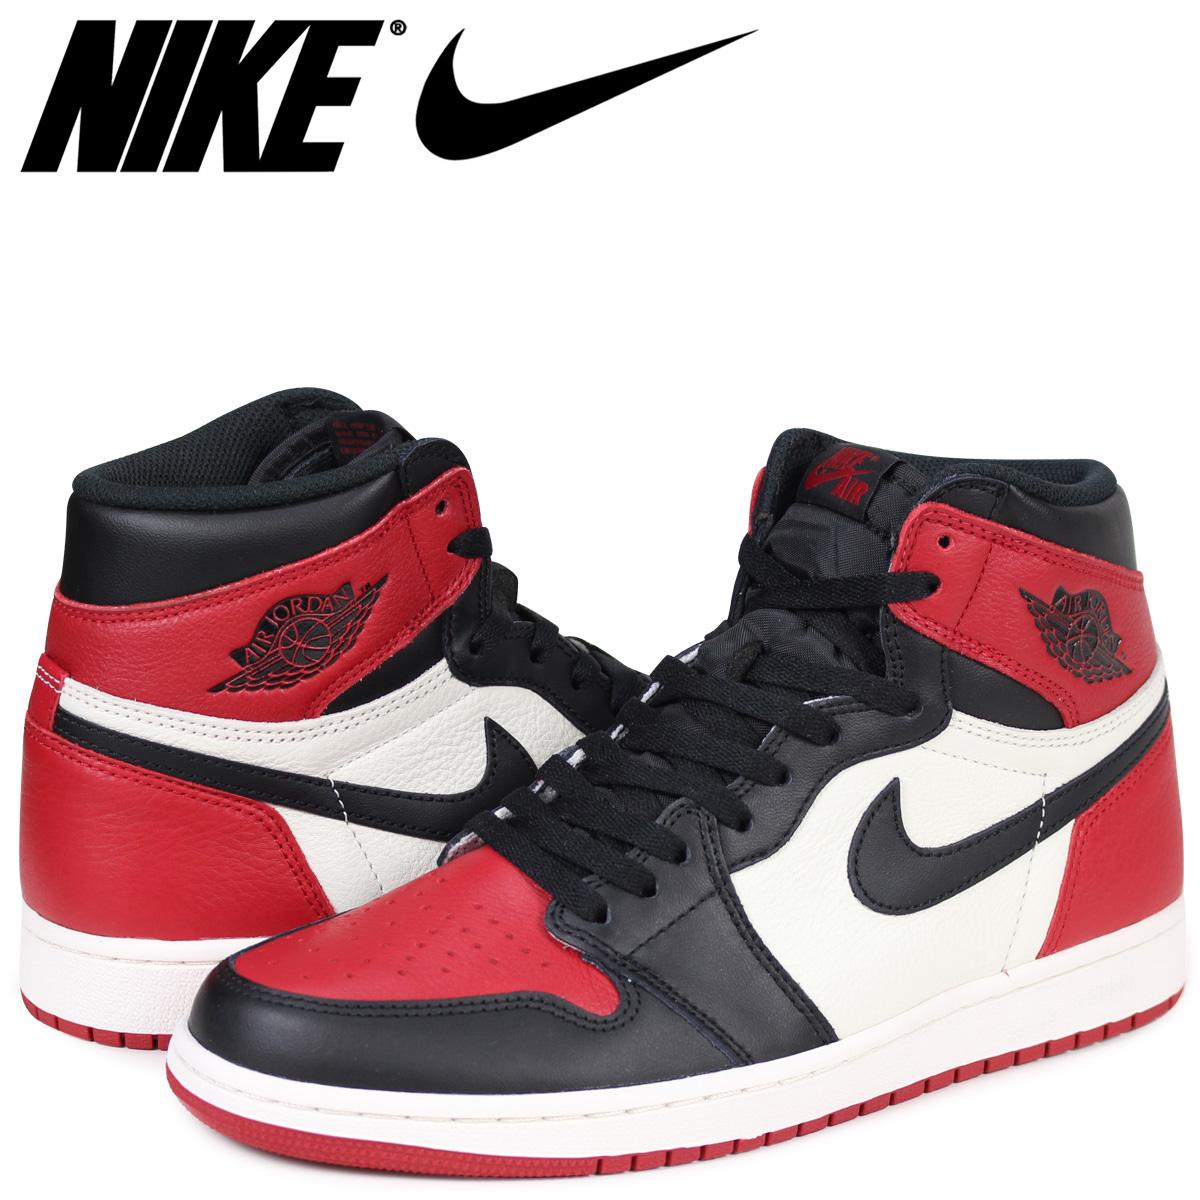 half off 0136e 970ae NIKE AIR JORDAN 1 RETRO HIGH OG BRED TOE Nike Air Jordan 1 sneakers  nostalgic high men red 555,088-610